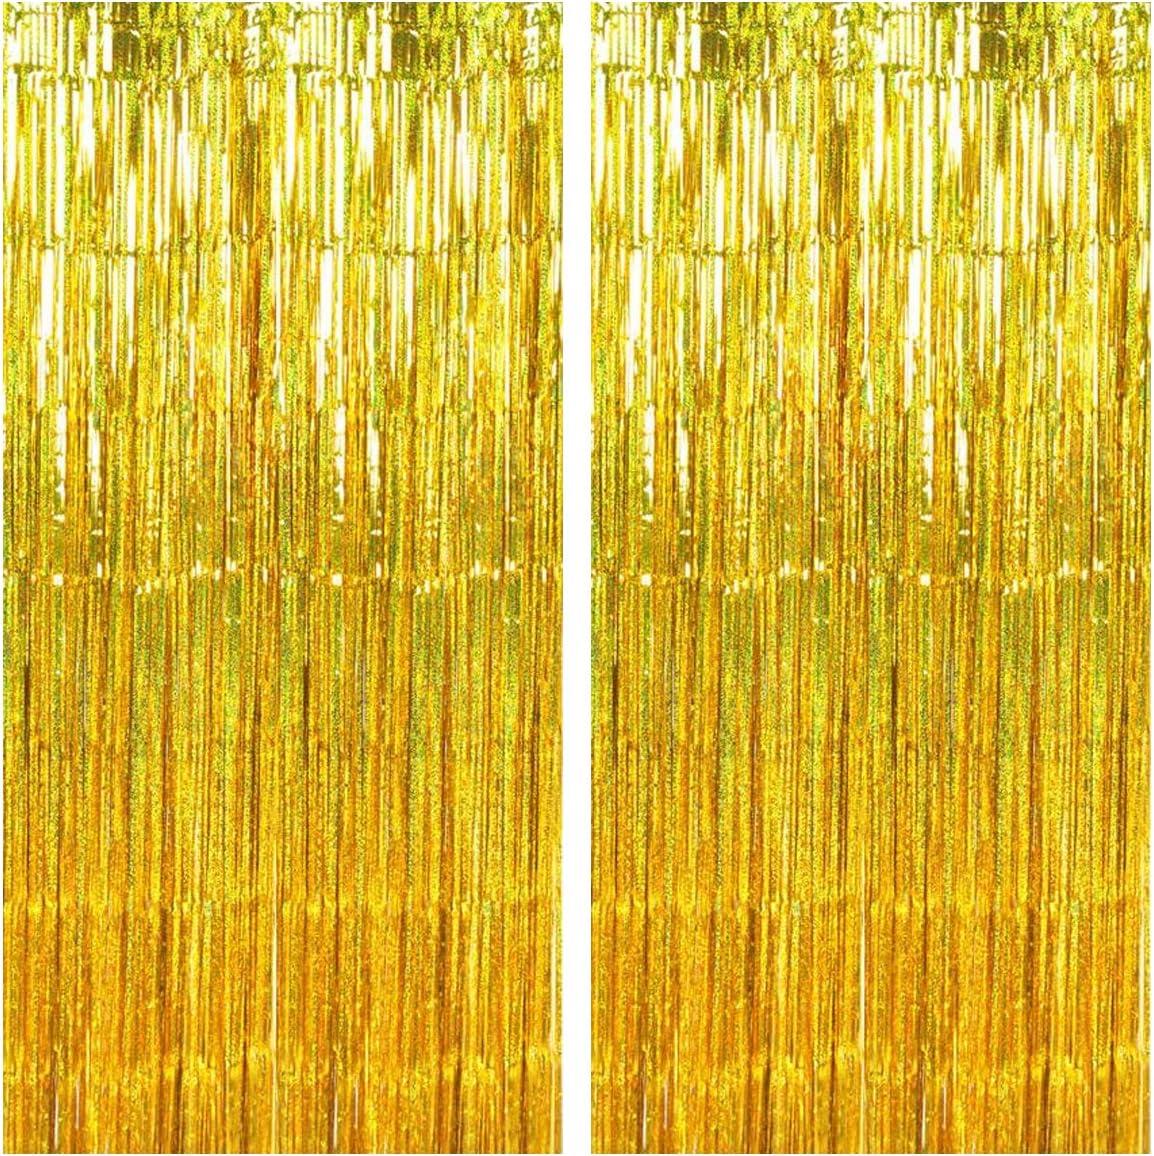 Disino 2 Stk Gold Folie Fransen Vorhang 1 X 2 M Laser Metallic Tinsel Vorhänge